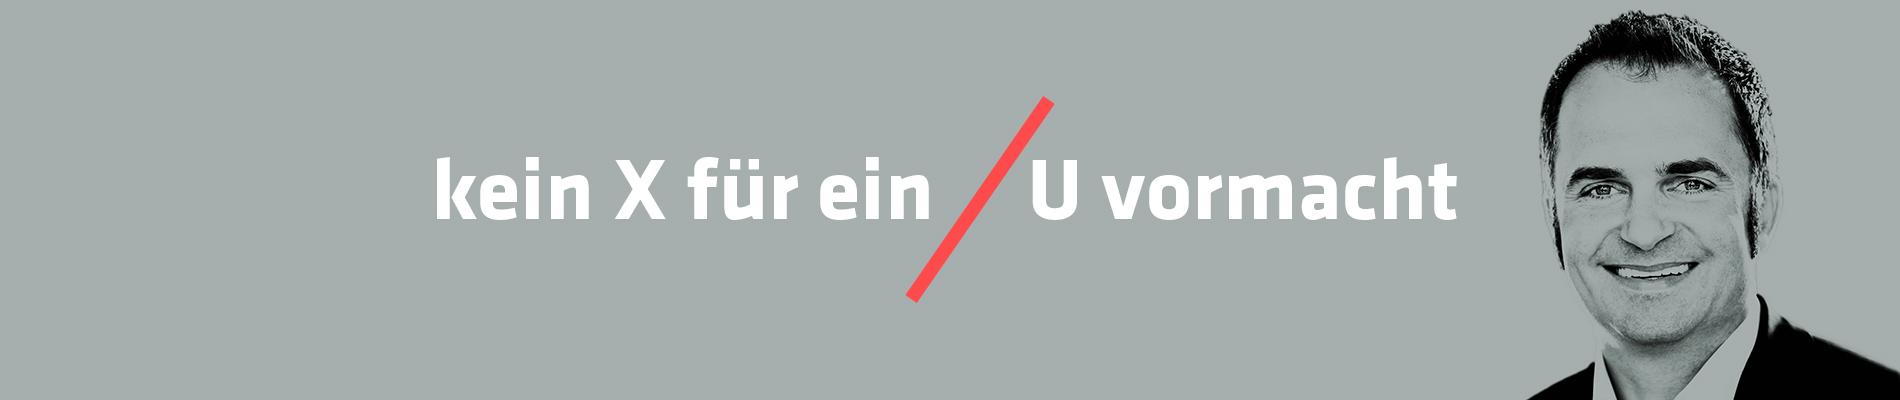 Oliver Urban Finanzberatung Baufinanzierung - kein X für ein U vormacht